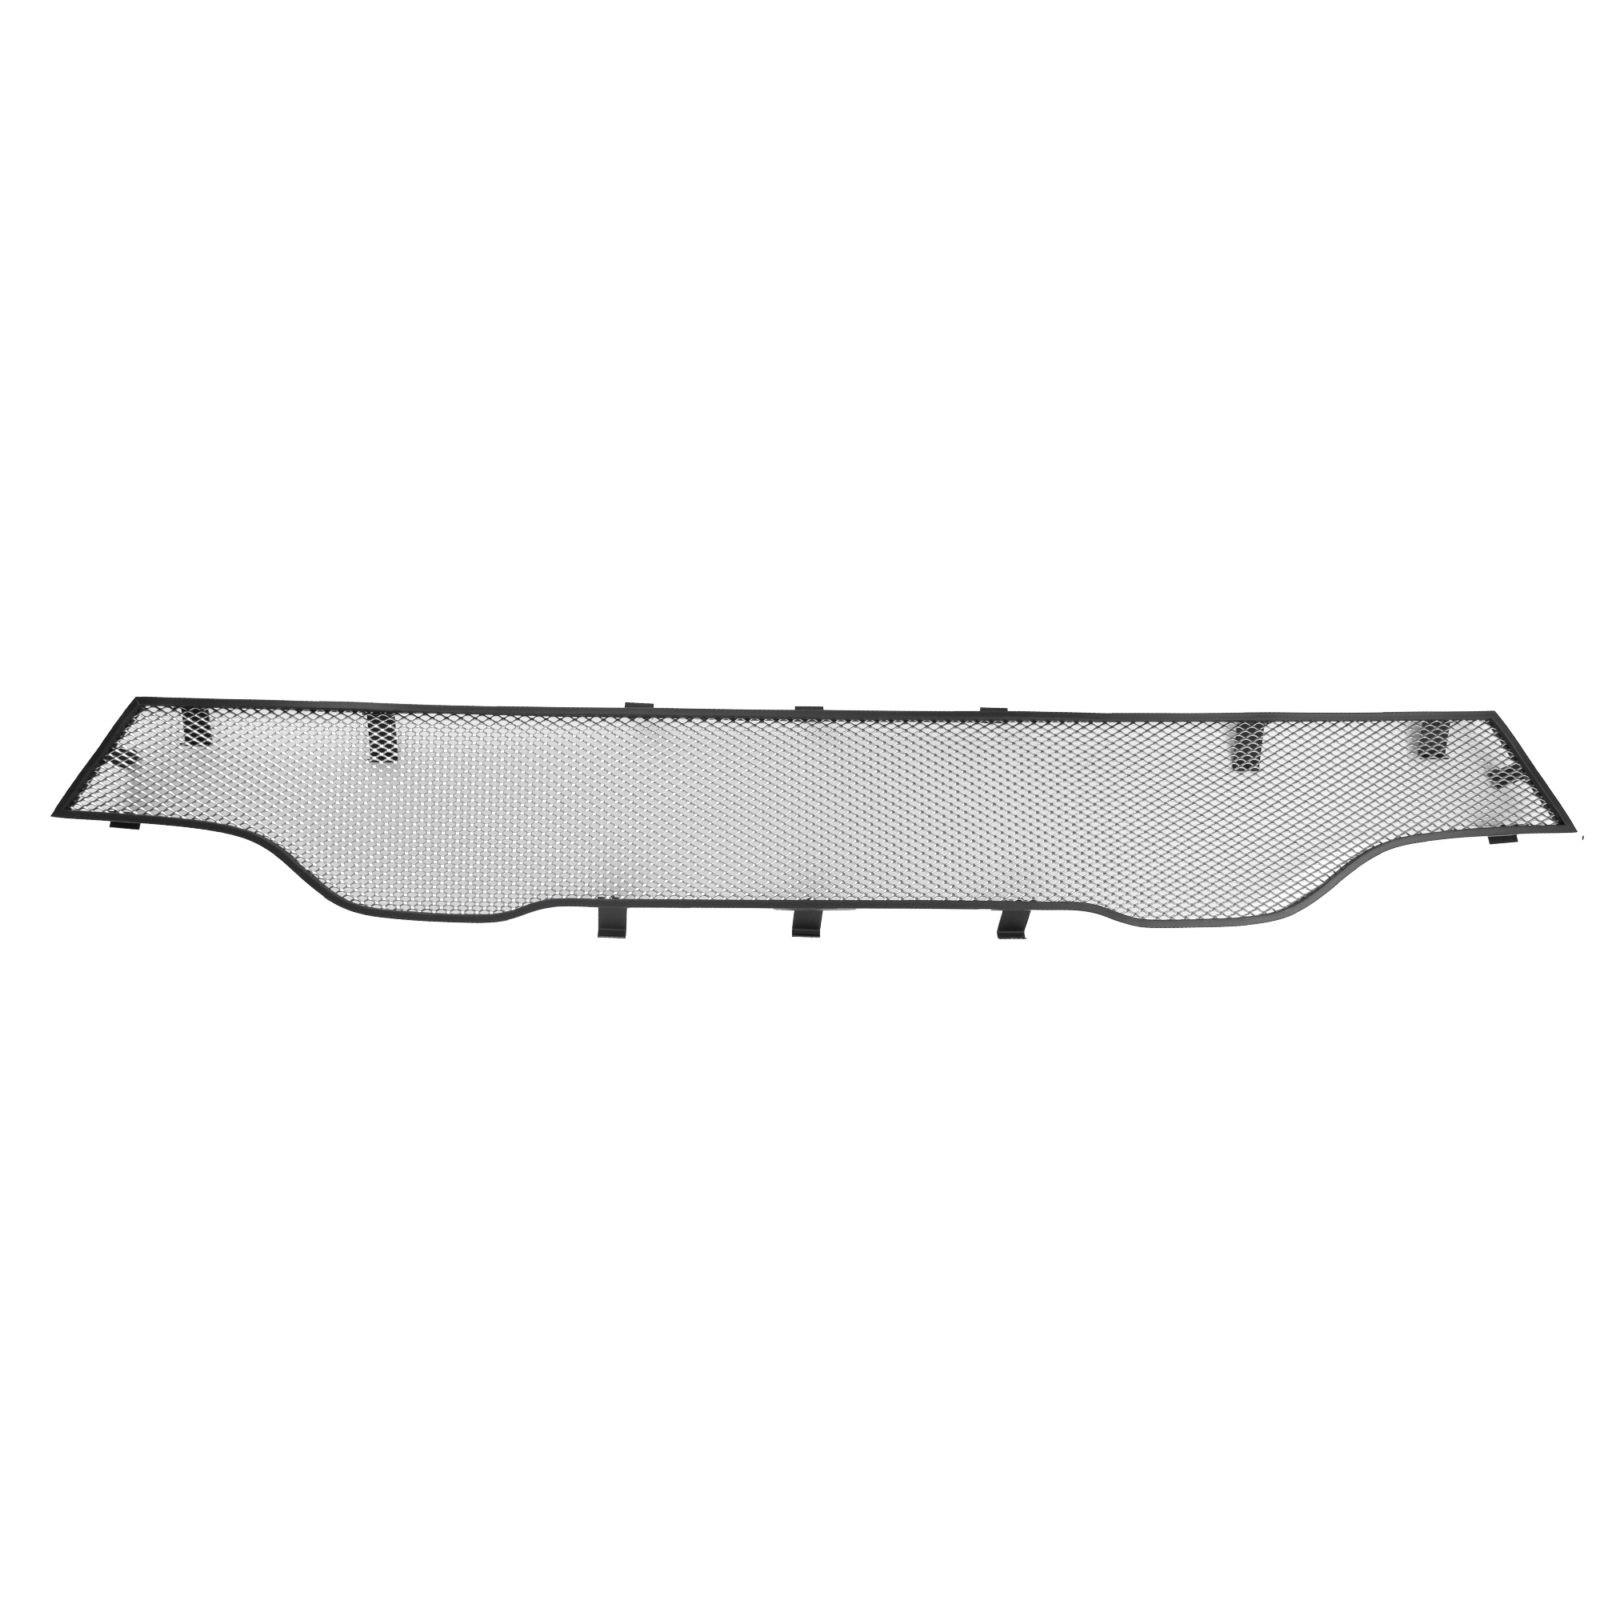 Защита радиатора Renault Logan Stepway, Sandero Stepway с 2018 г.в., chrome низ